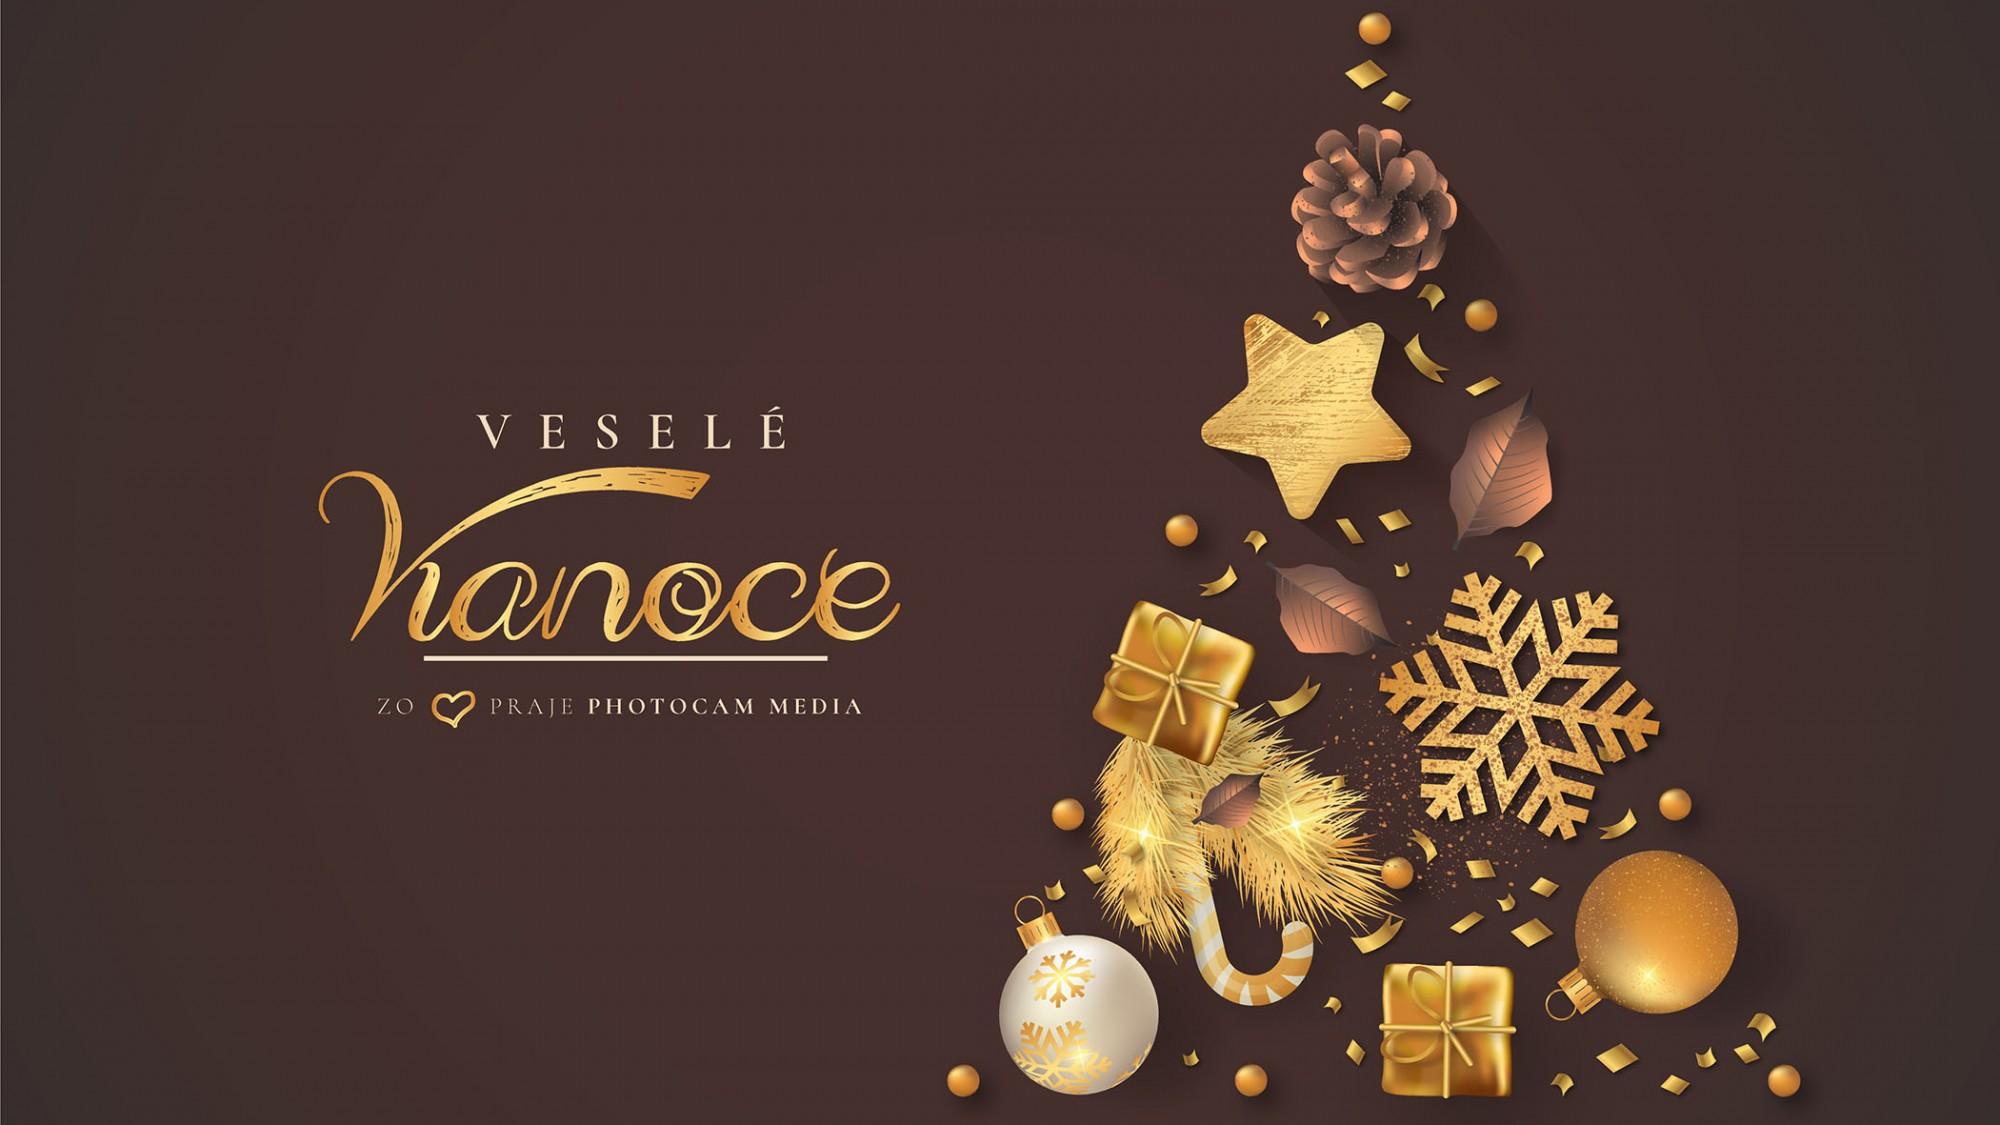 Krásne vianočné svitky priatelia aj v roku 2019